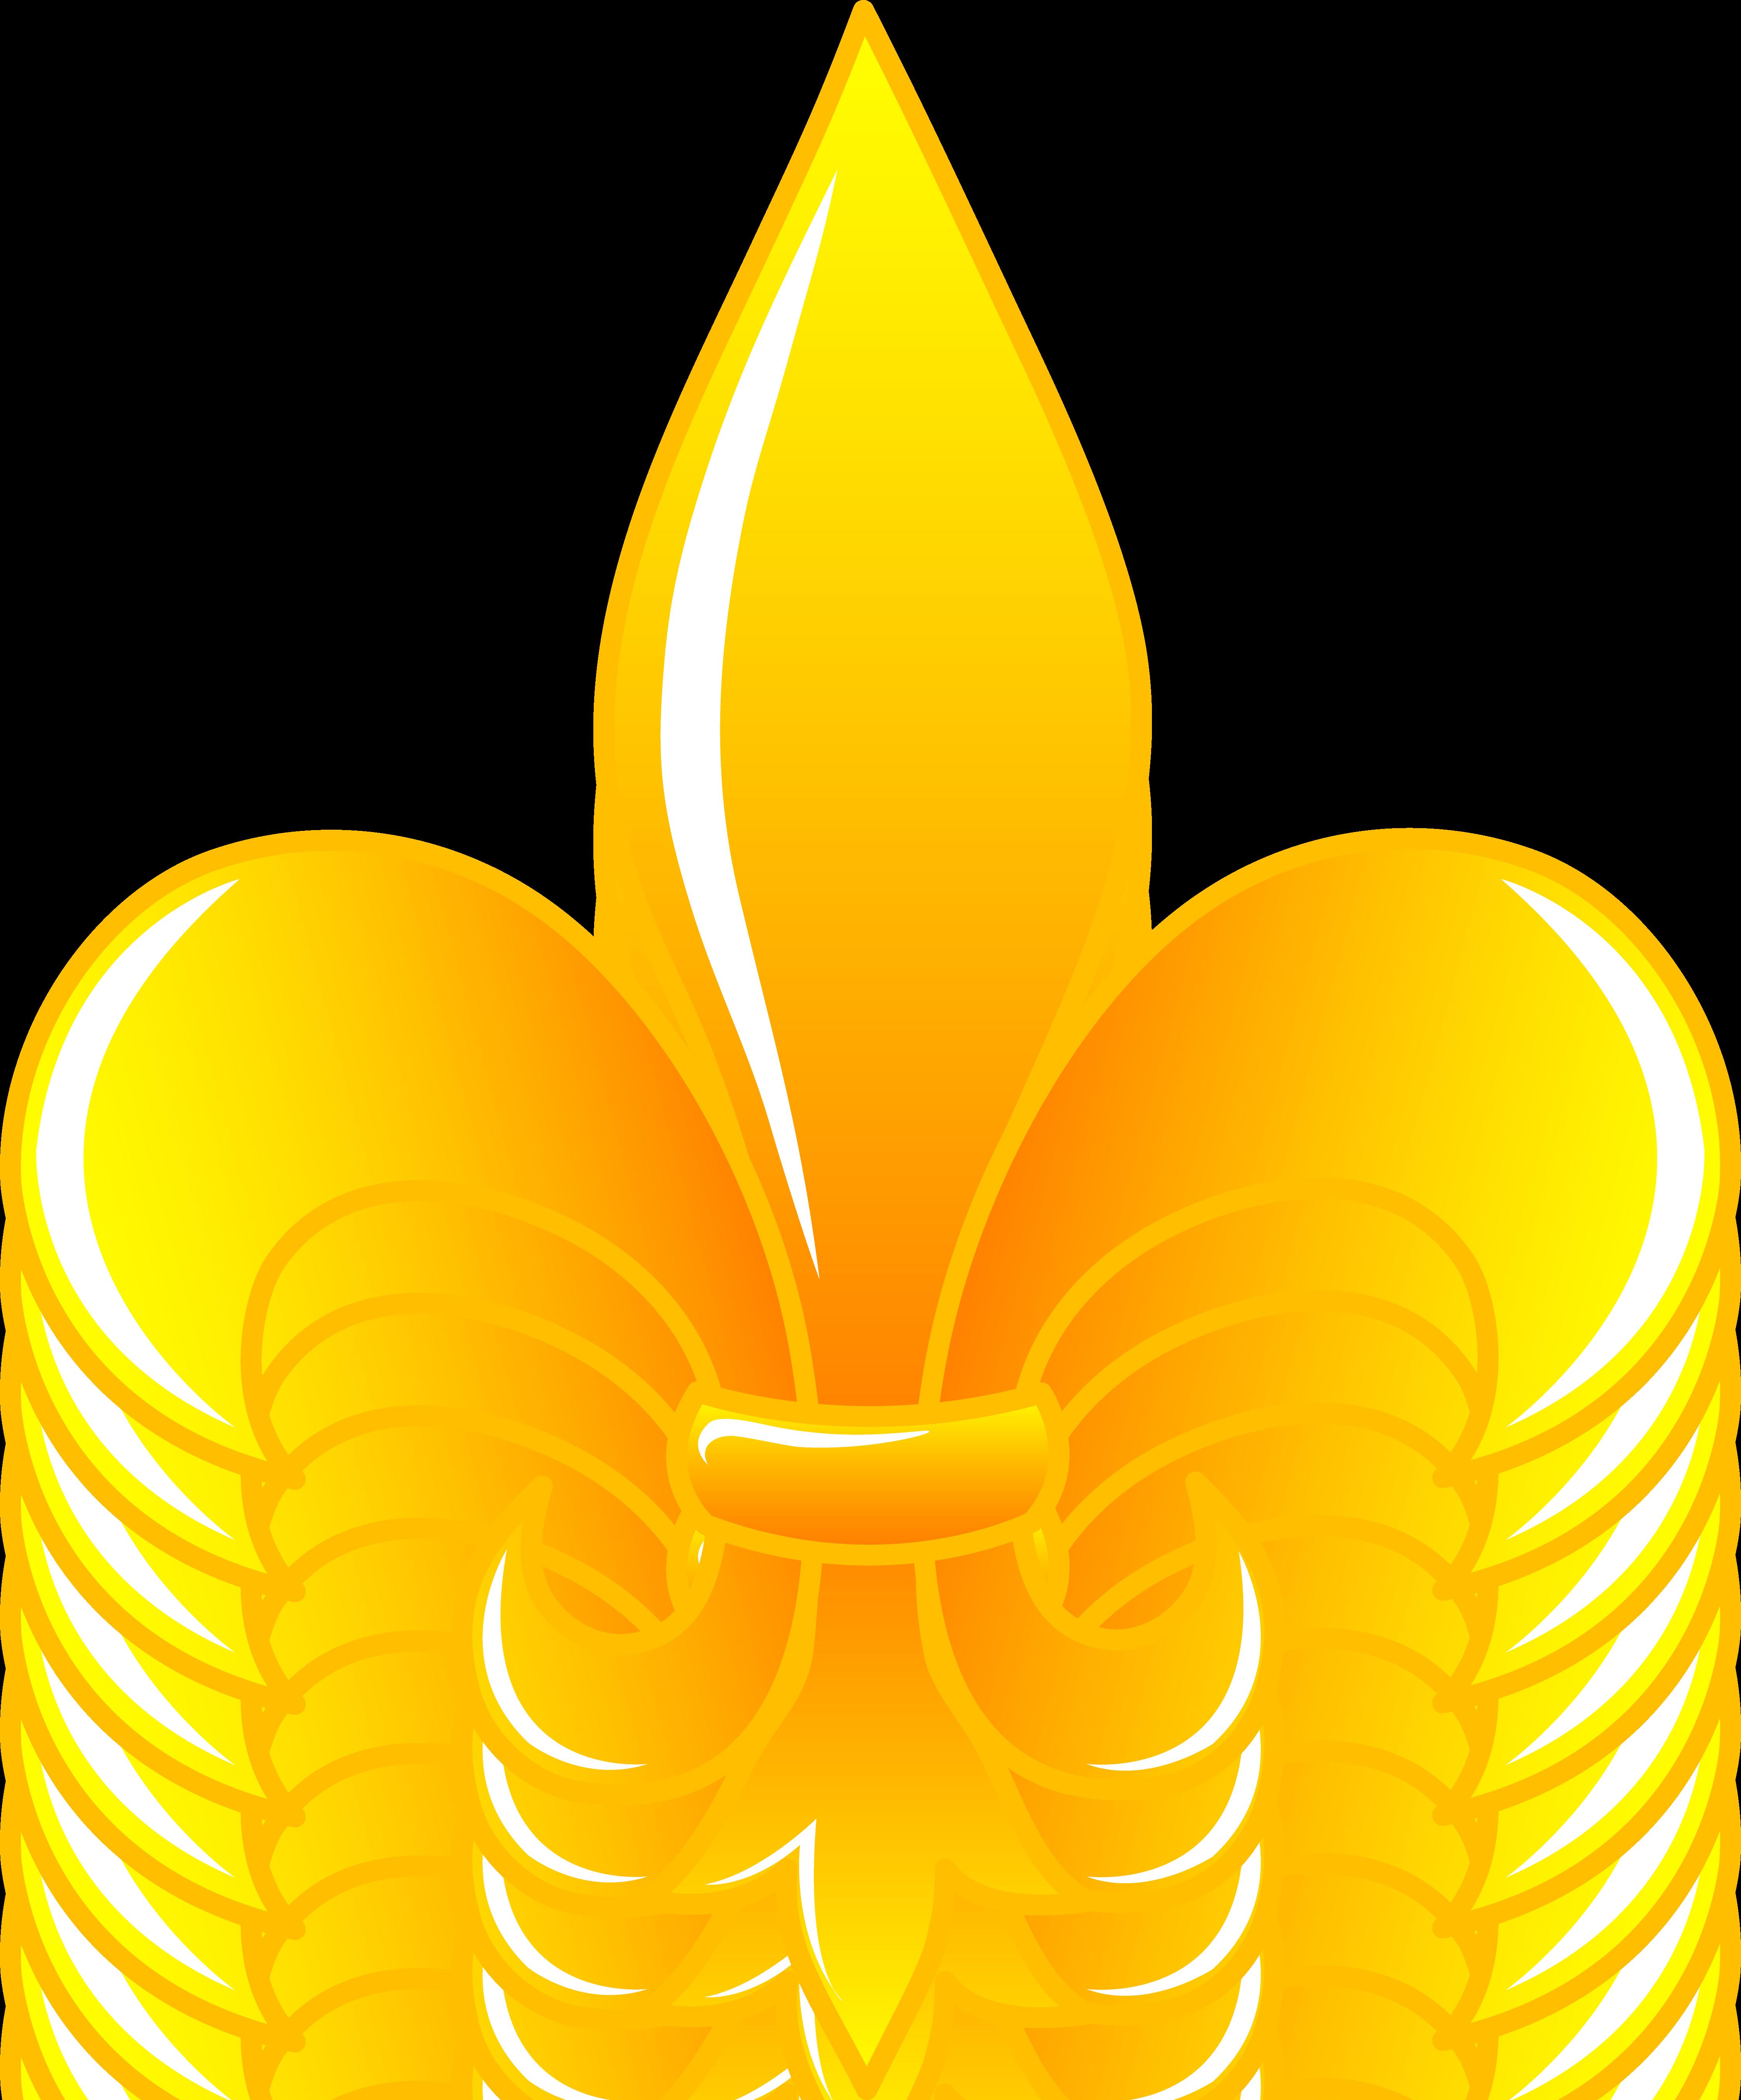 fleur de lis shiny gold clip art sweet clip art rh m sweetclipart com fleur de lis clipart free fleur de lis clip art free